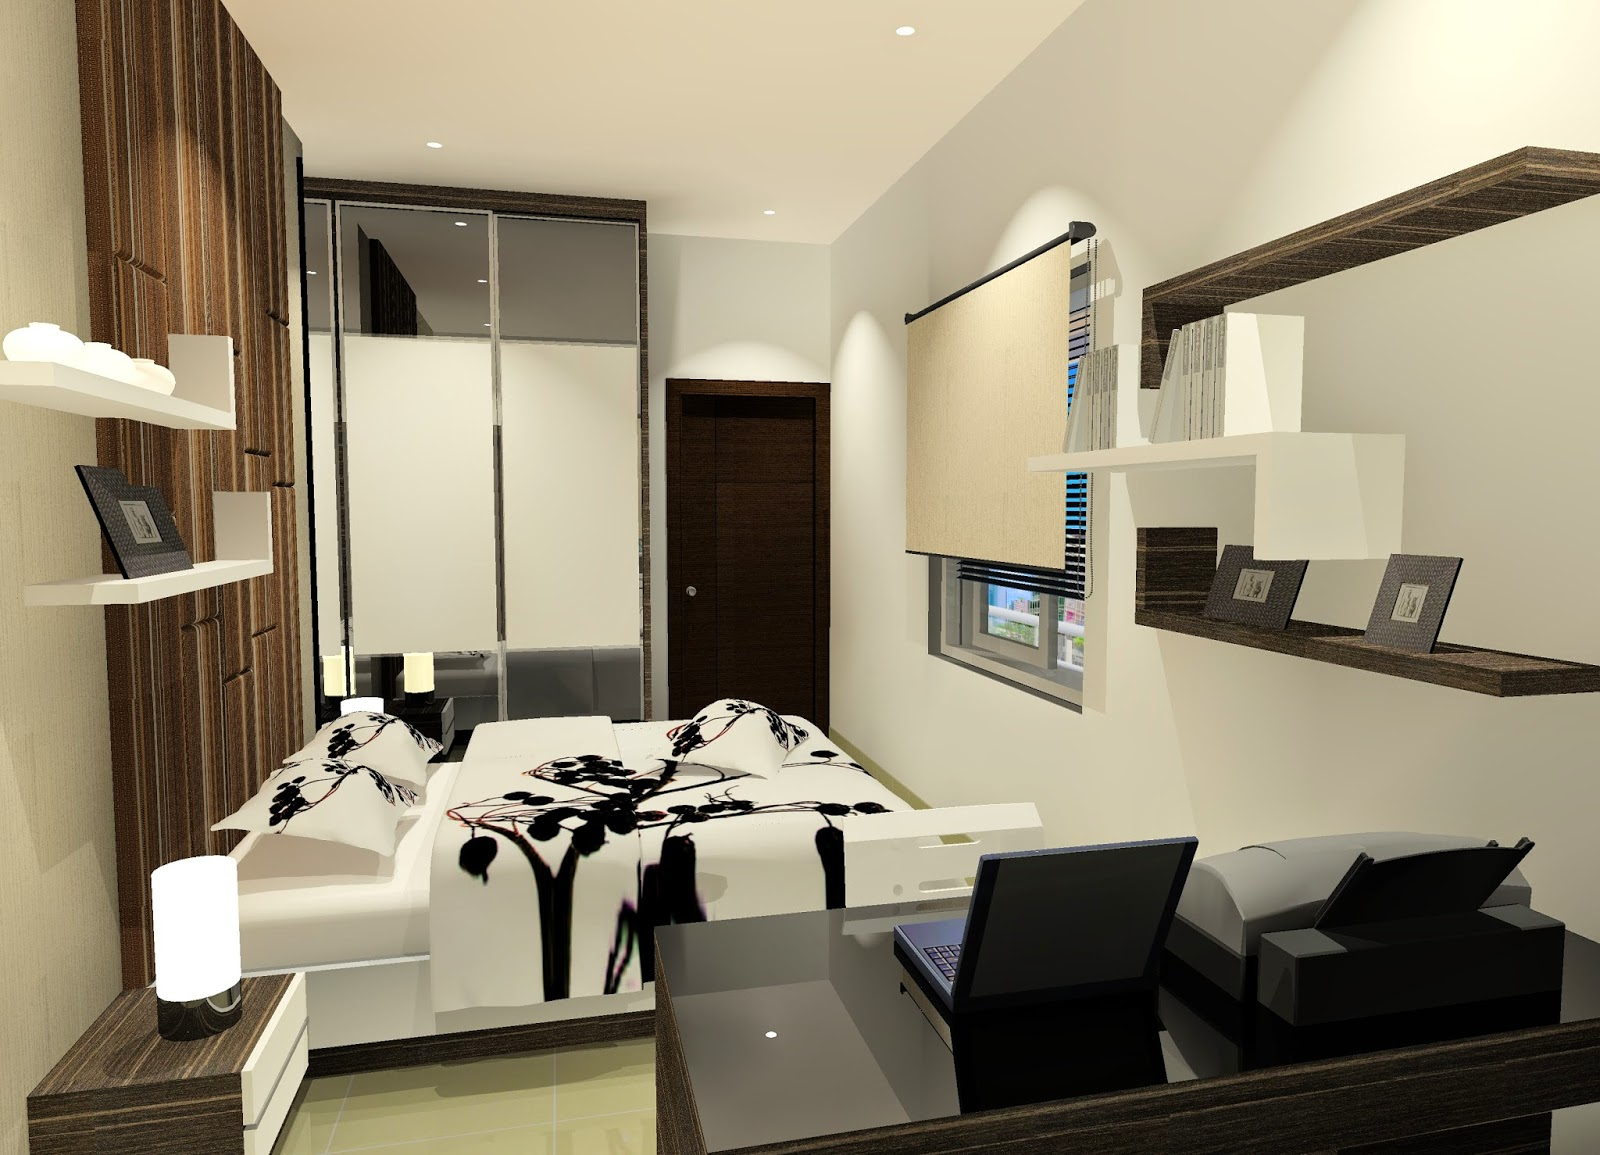 Desain Kamar Tidur Ala Hotel | Desain Rumah